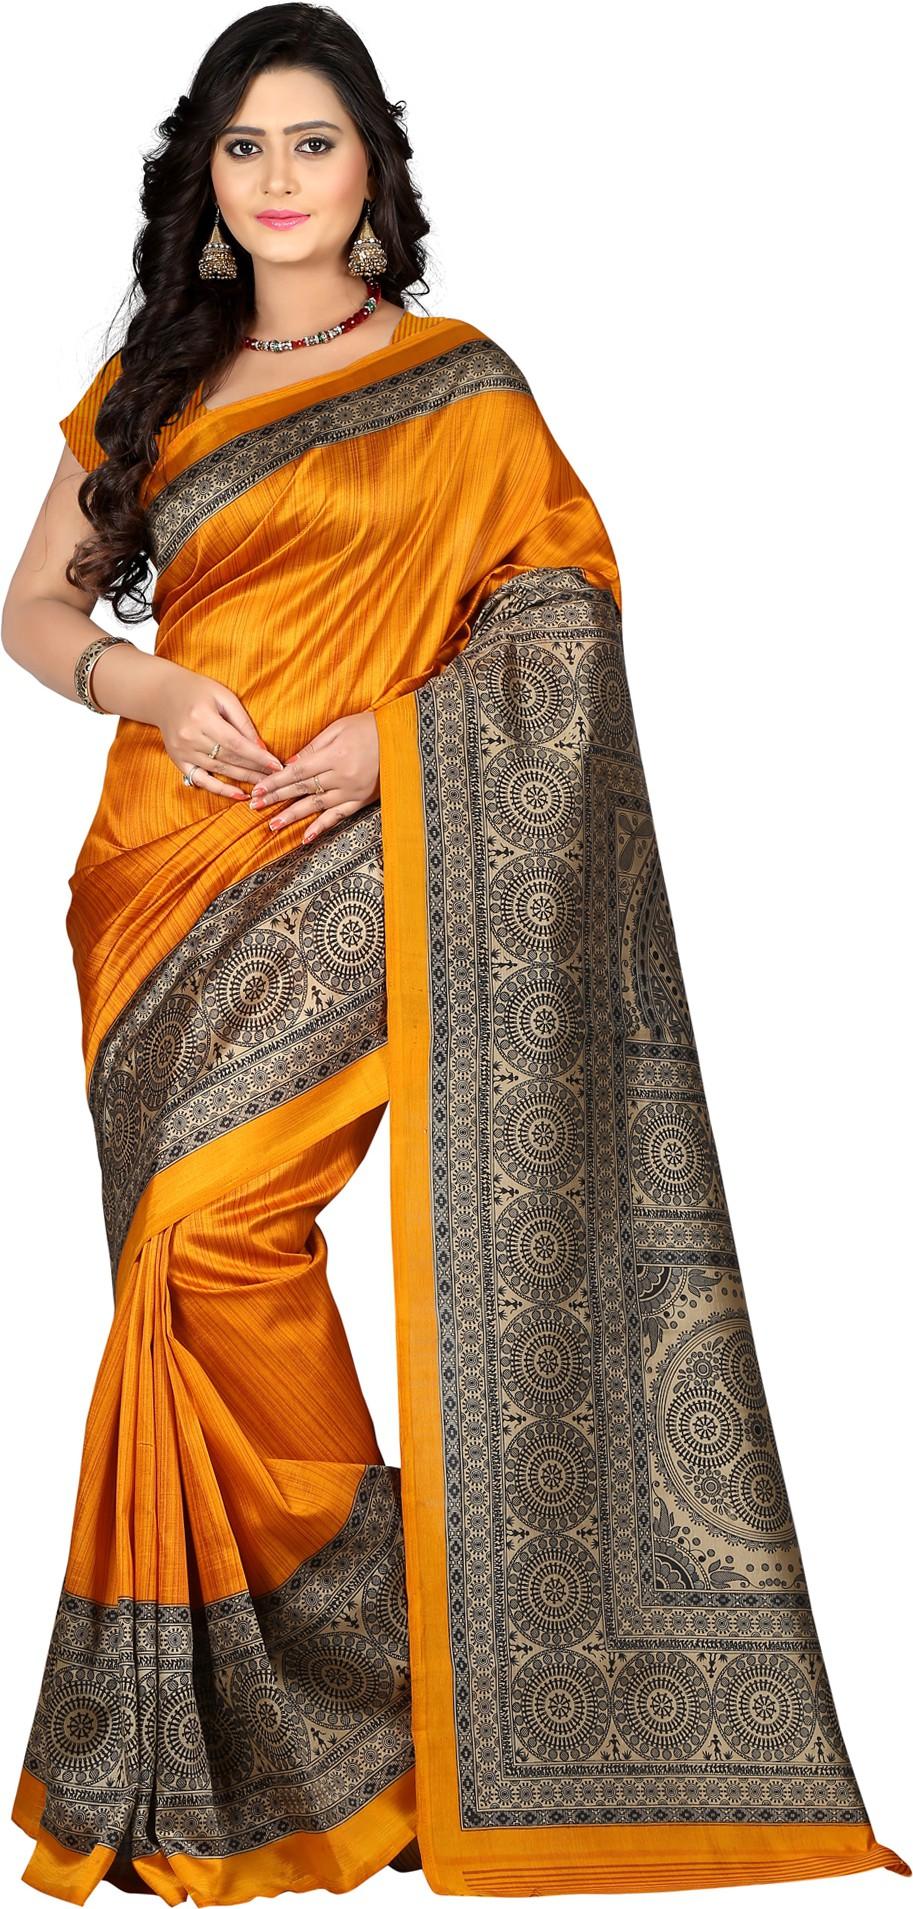 Deals | Womens Clothing Tops, Sarees...